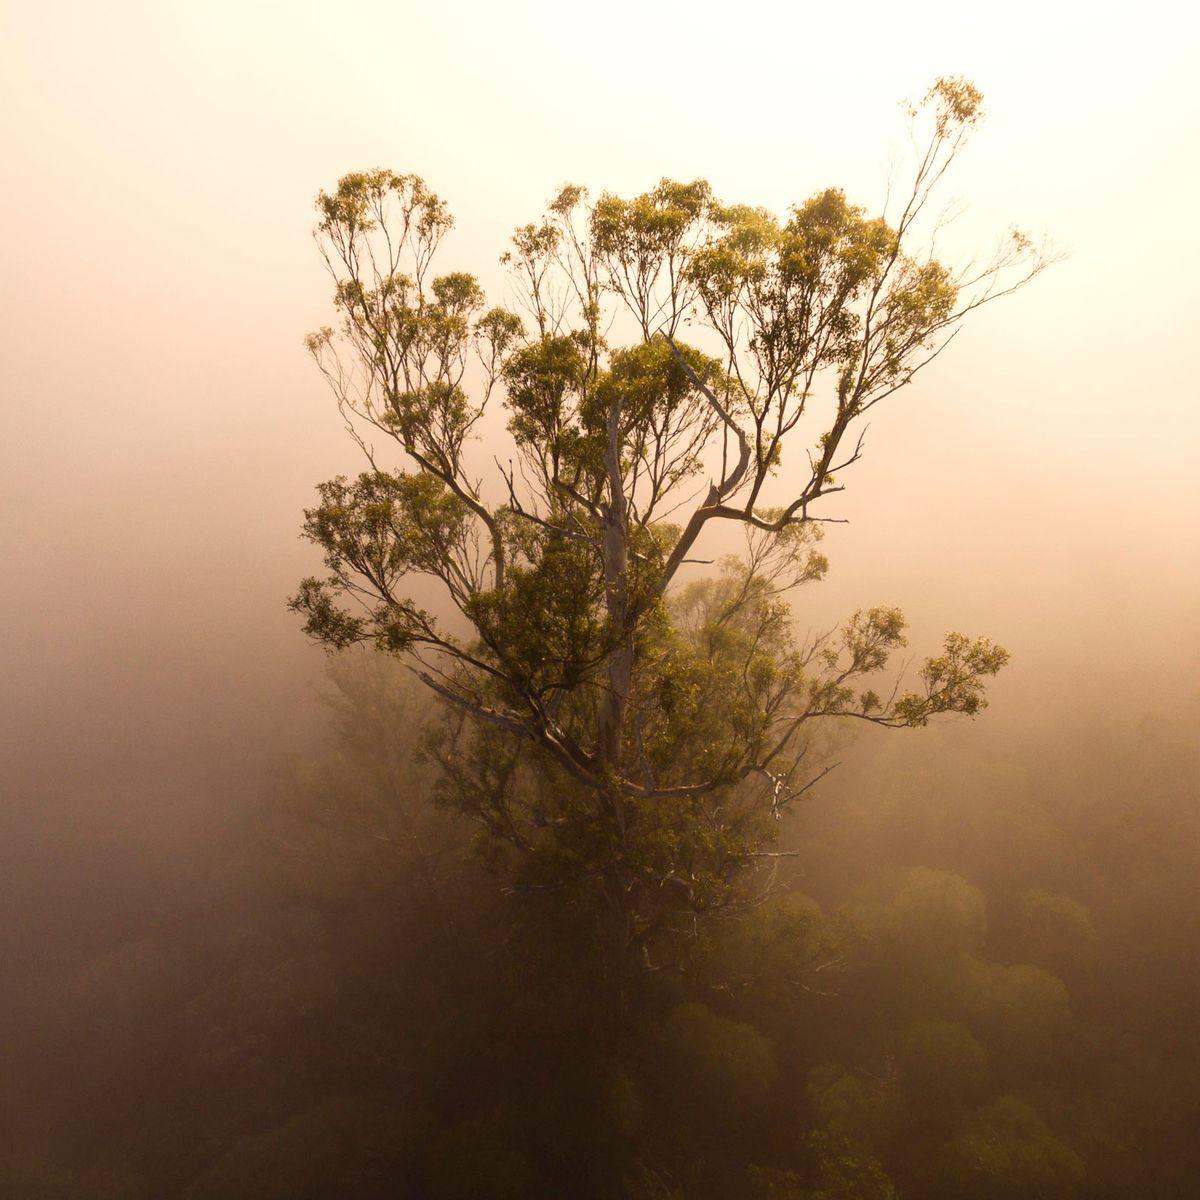 The Tasmanian Tree Project